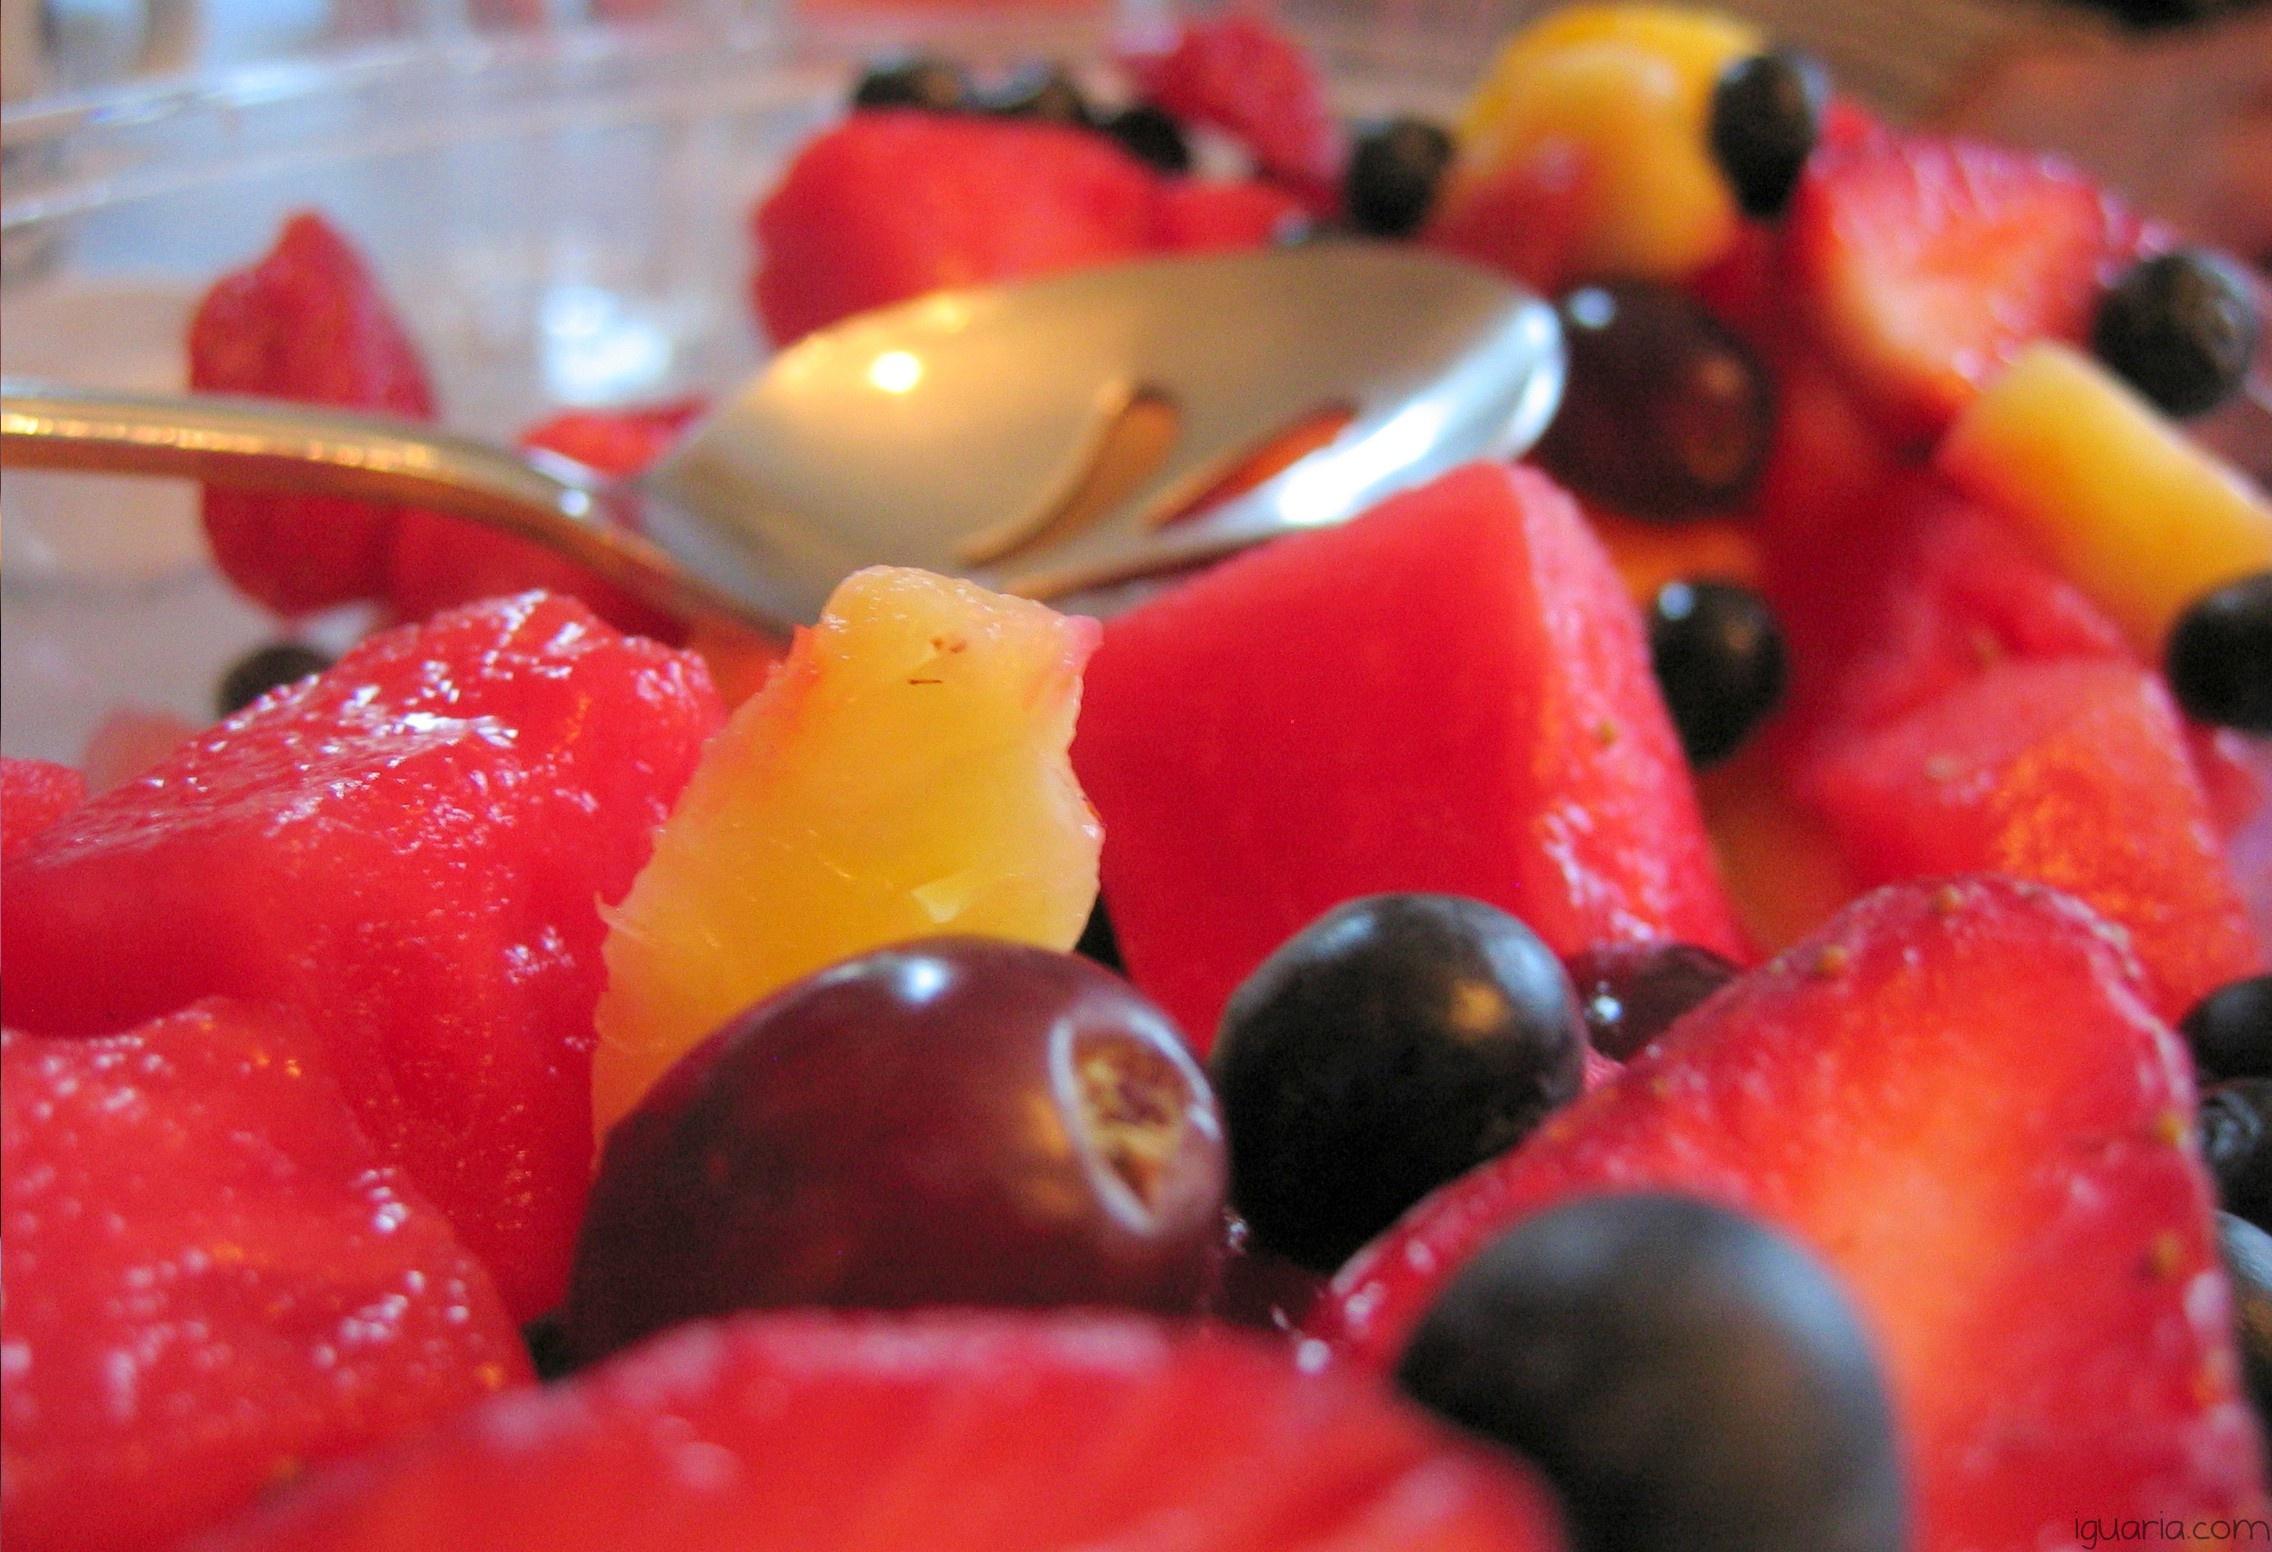 Iguaria_Saladas-de-Frutas